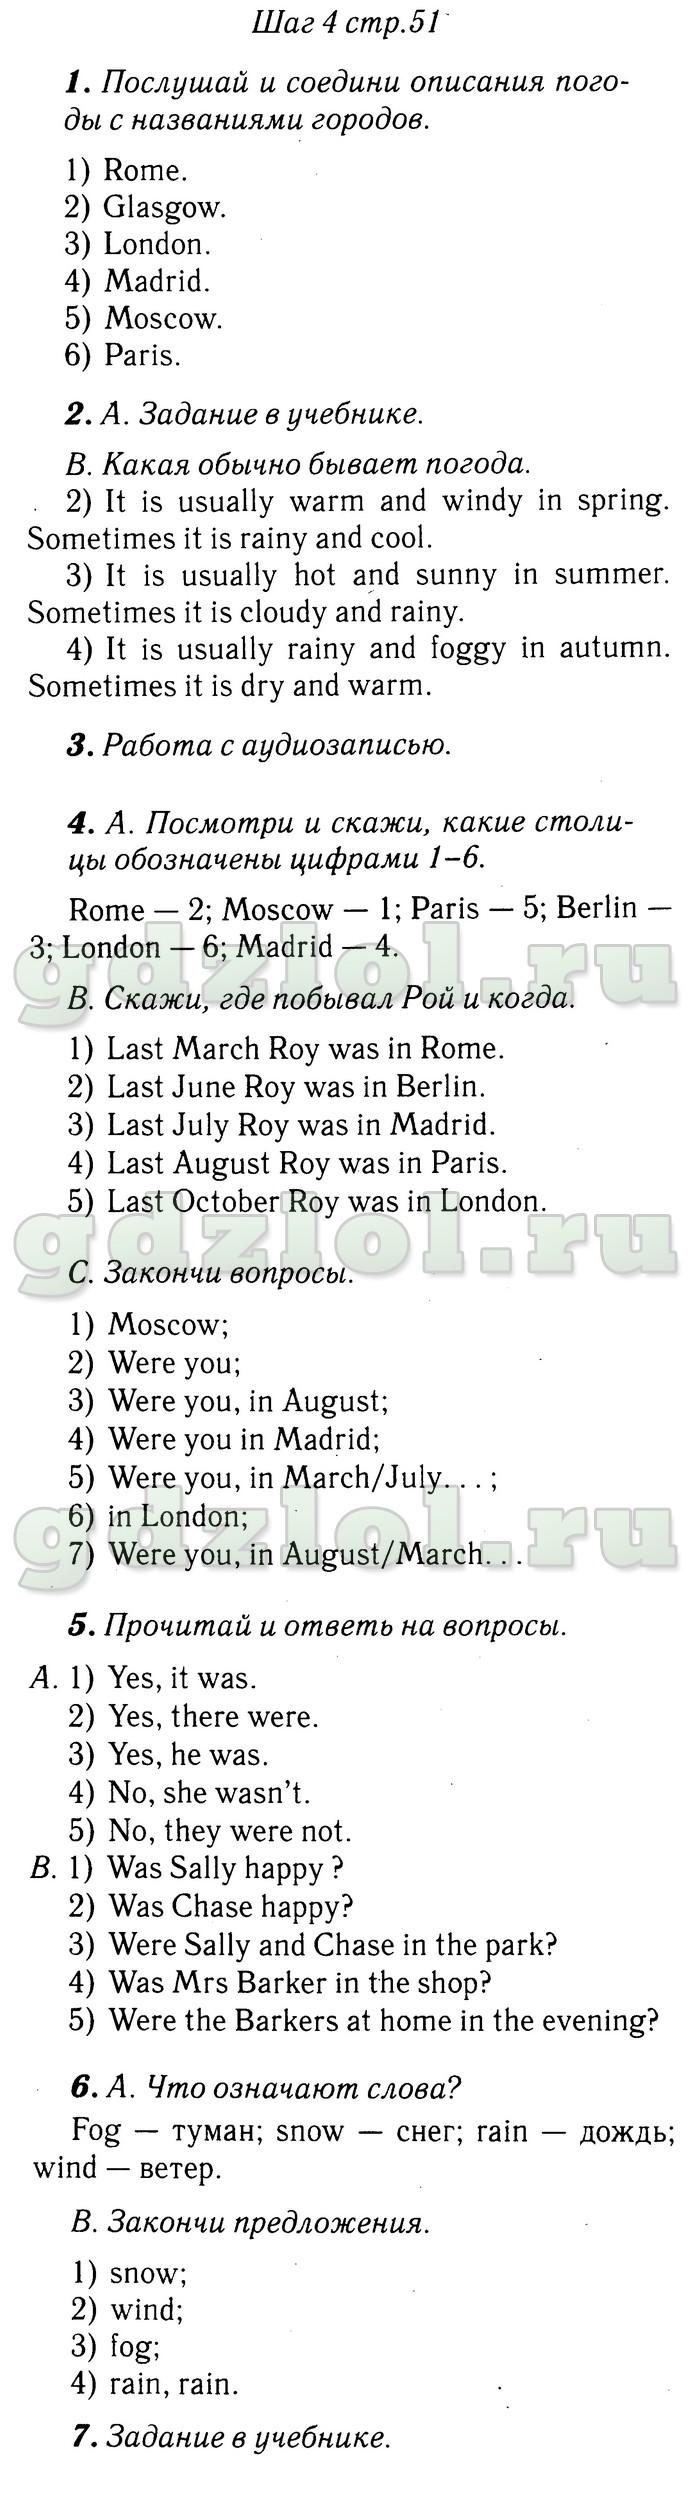 английский язык задание 4 4